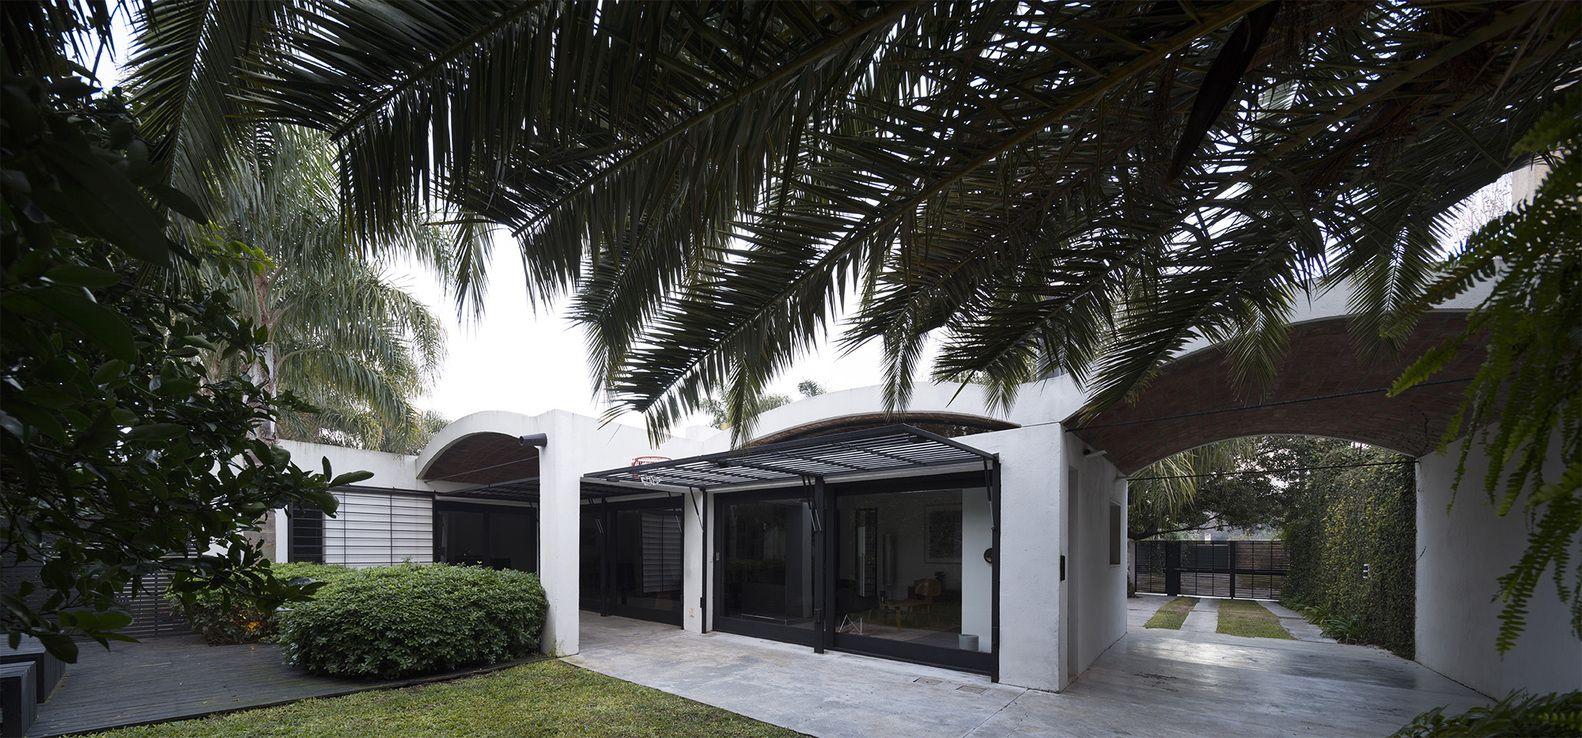 Gallery of HQ House / Fernando De Rossa + Virginia Miguel 19